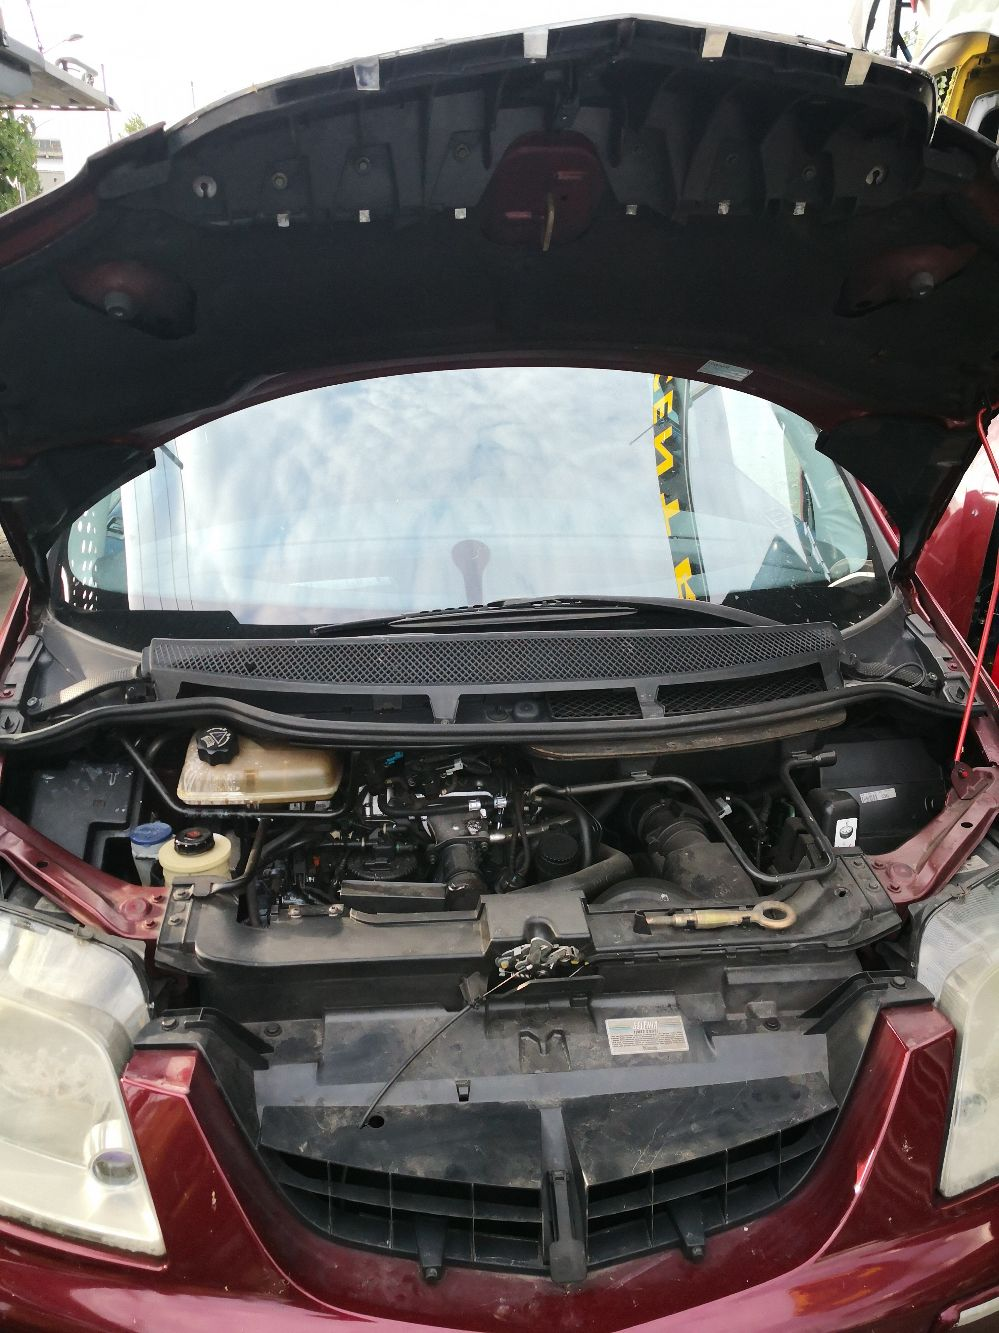 Motore 4hw diesel Da Lancia  Phedra del 2003 2200cc.  Usato da autodemolizione